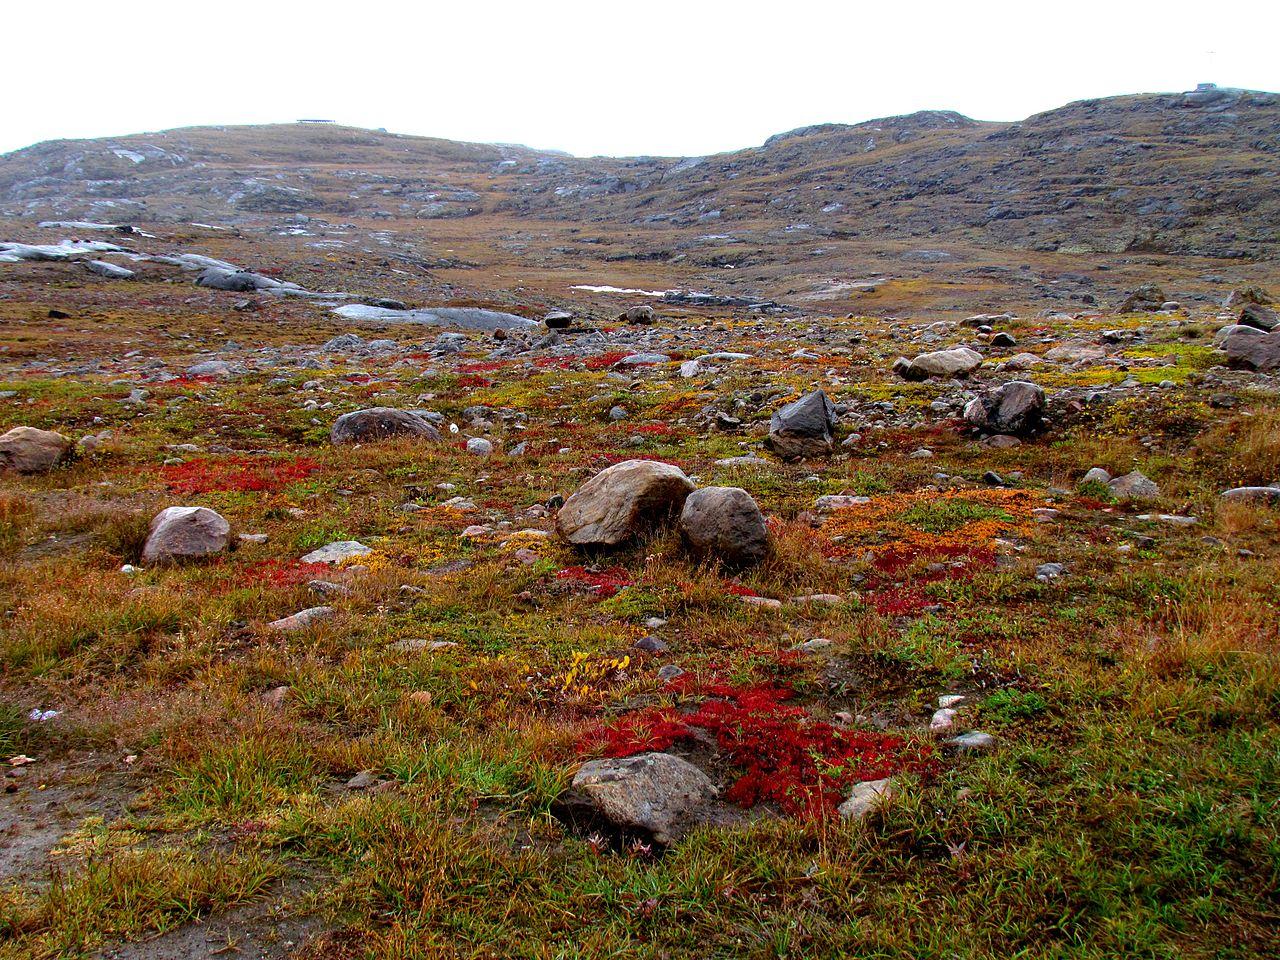 La tundra tiene plantas de porte bajo